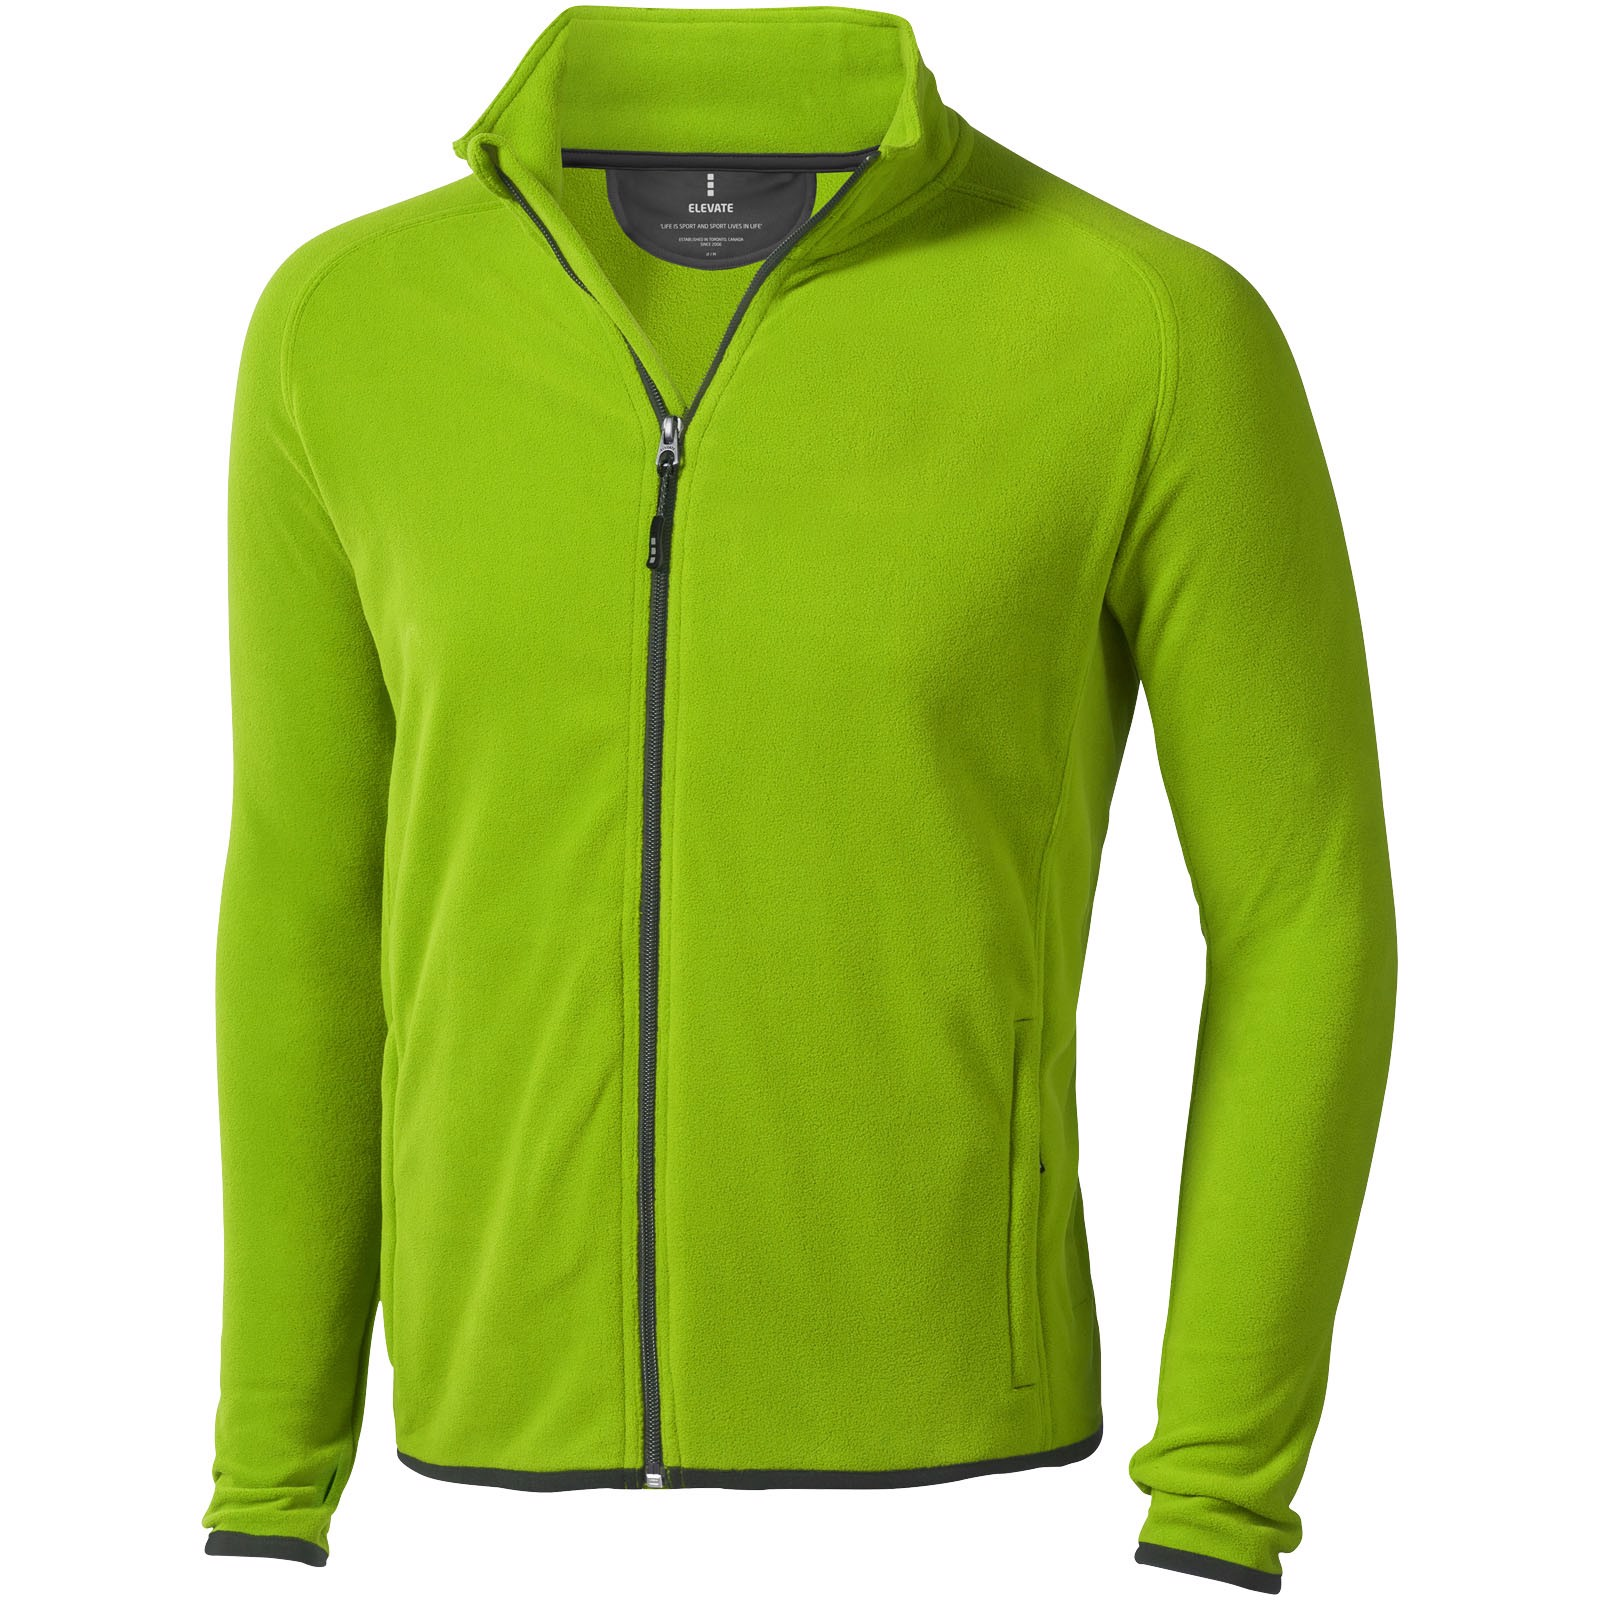 Bunda Brossard z materiálu mikro fleece - Zelené jablko / XS